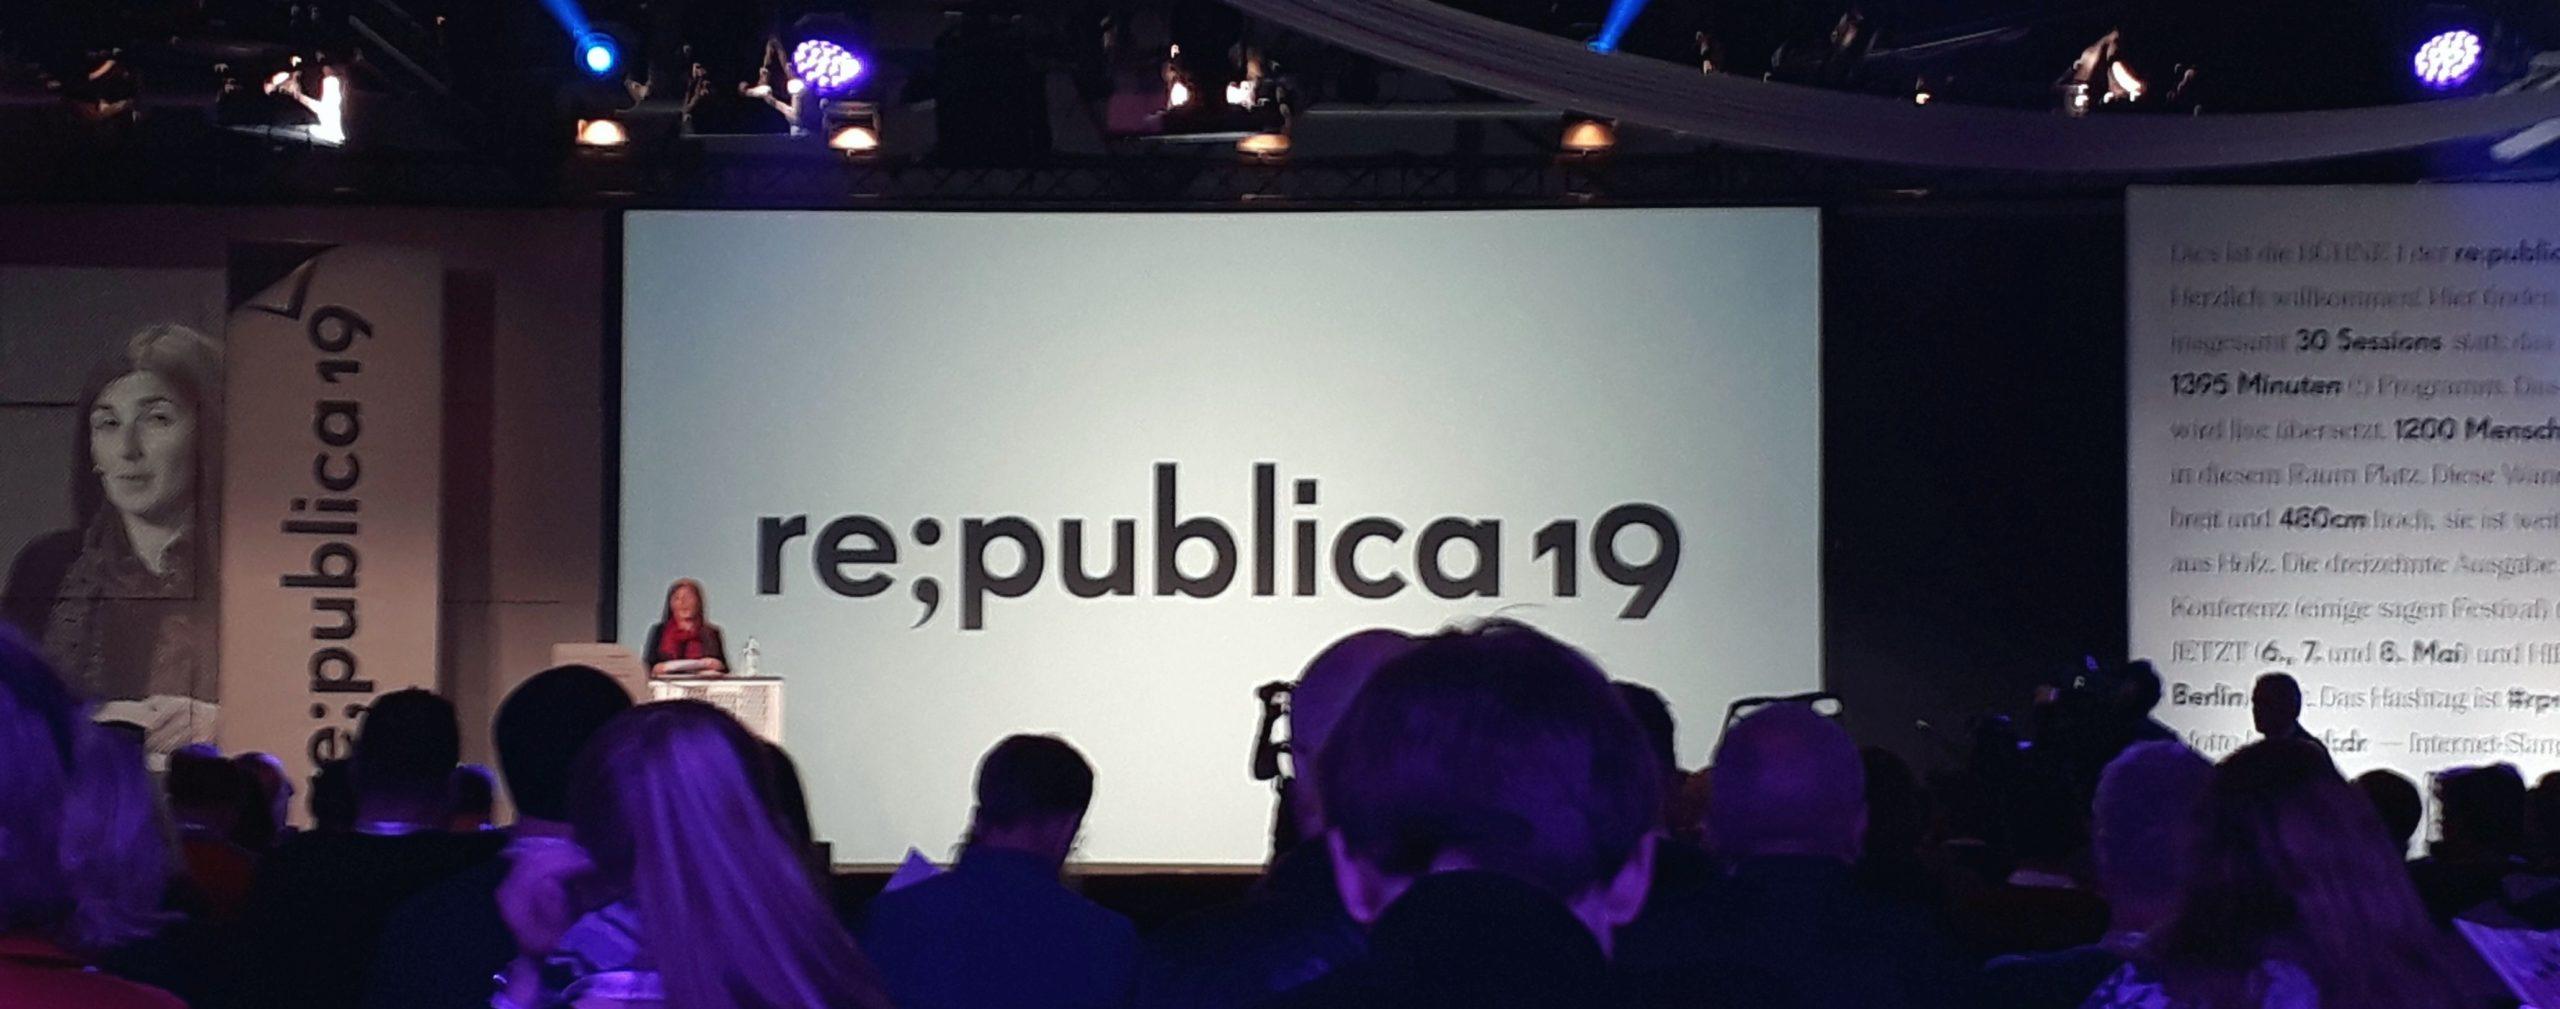 Republica 2019: Wohltuender als ein Kneippbad